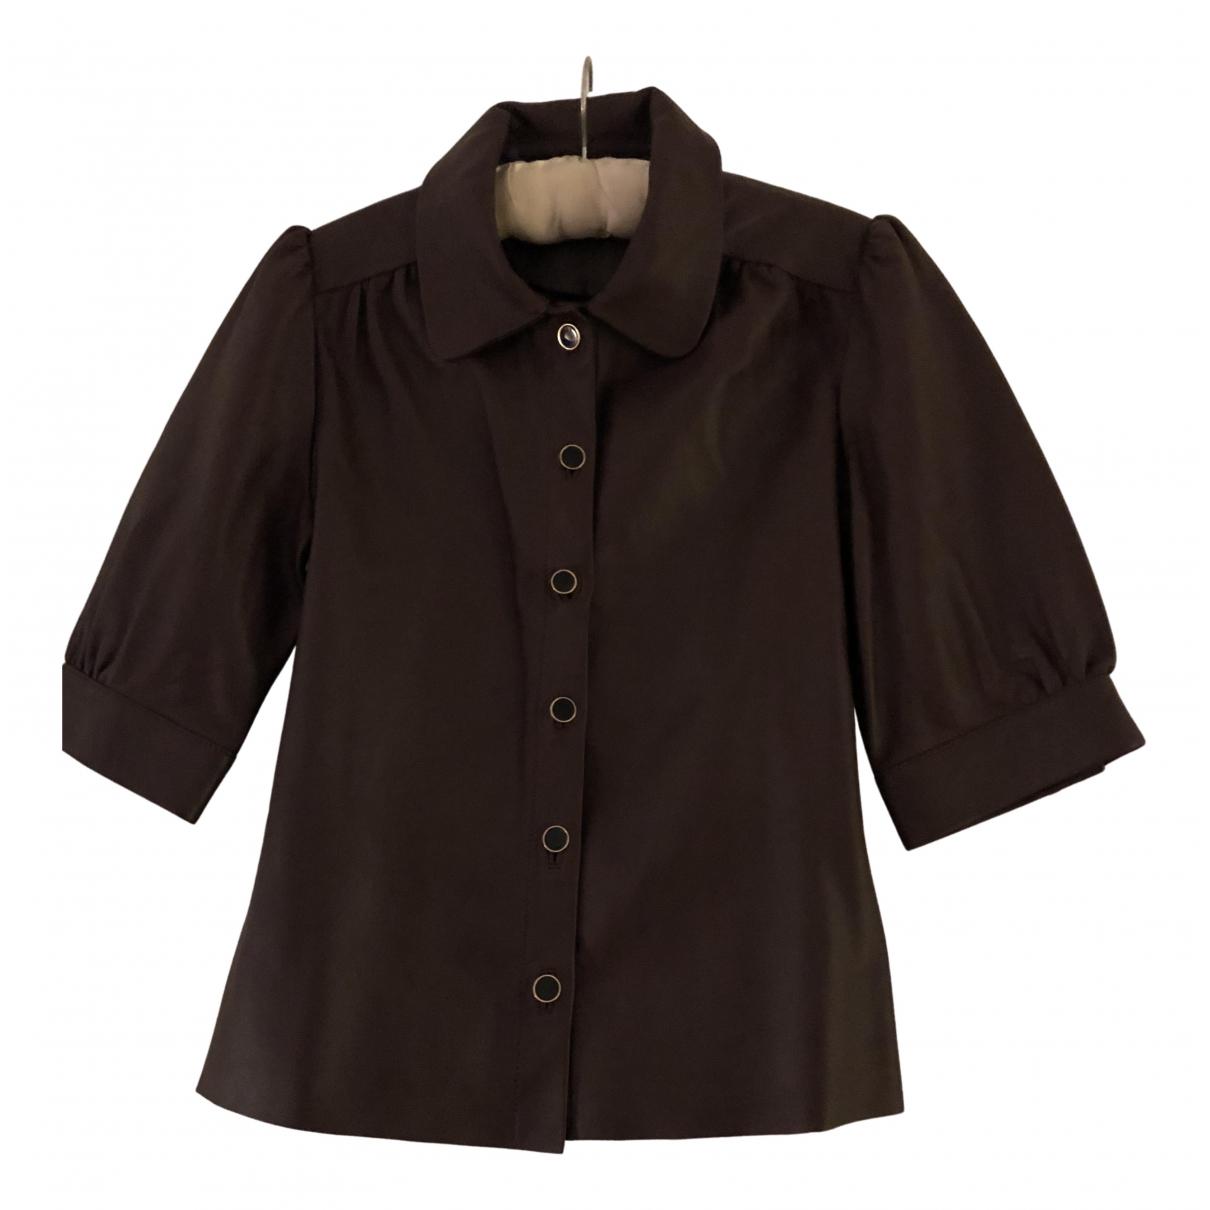 Gestuz - Top   pour femme en cuir - bordeaux